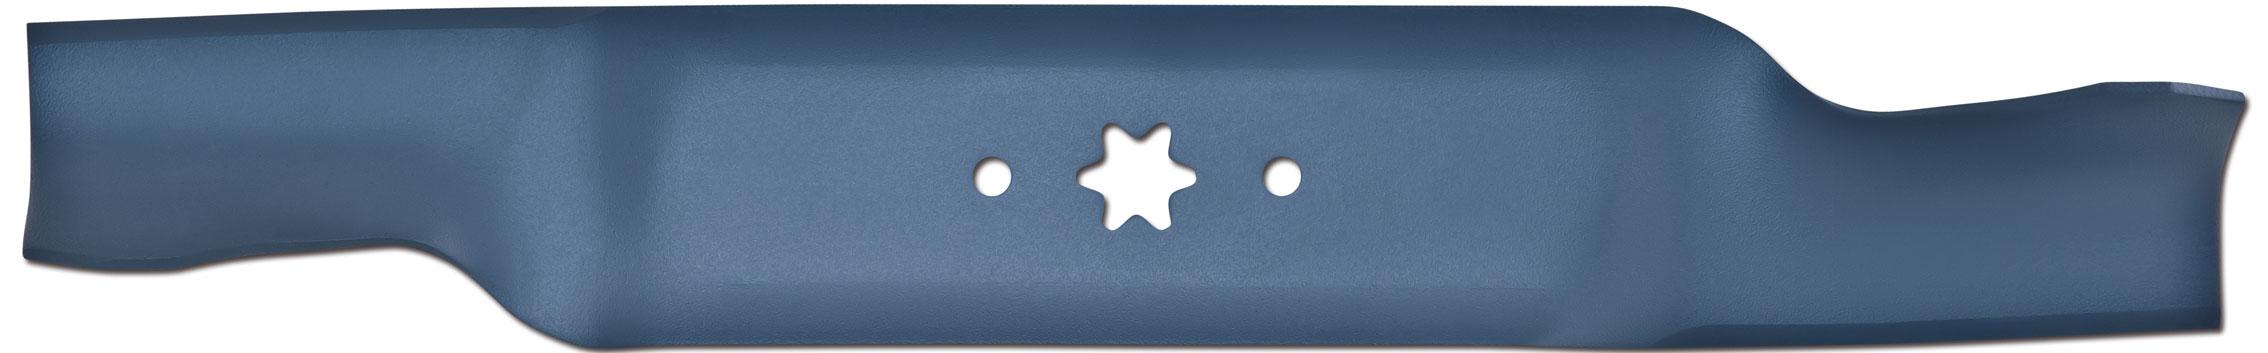 MTD Messer Set für Rasentraktor Highlift 96cm Bild 2